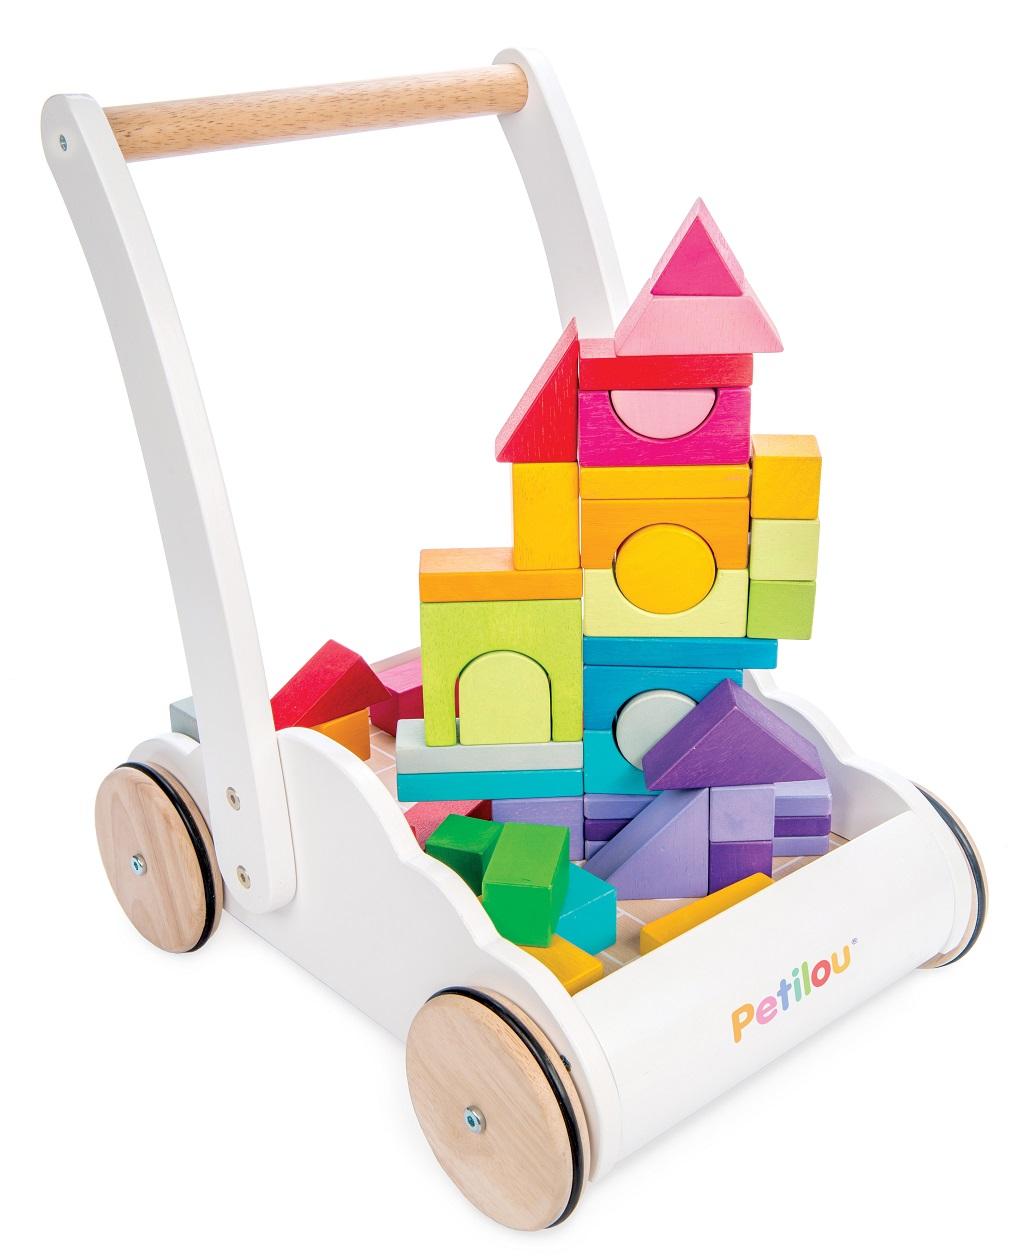 Le Toy Van Petilou Vozík s duhovými kostkami